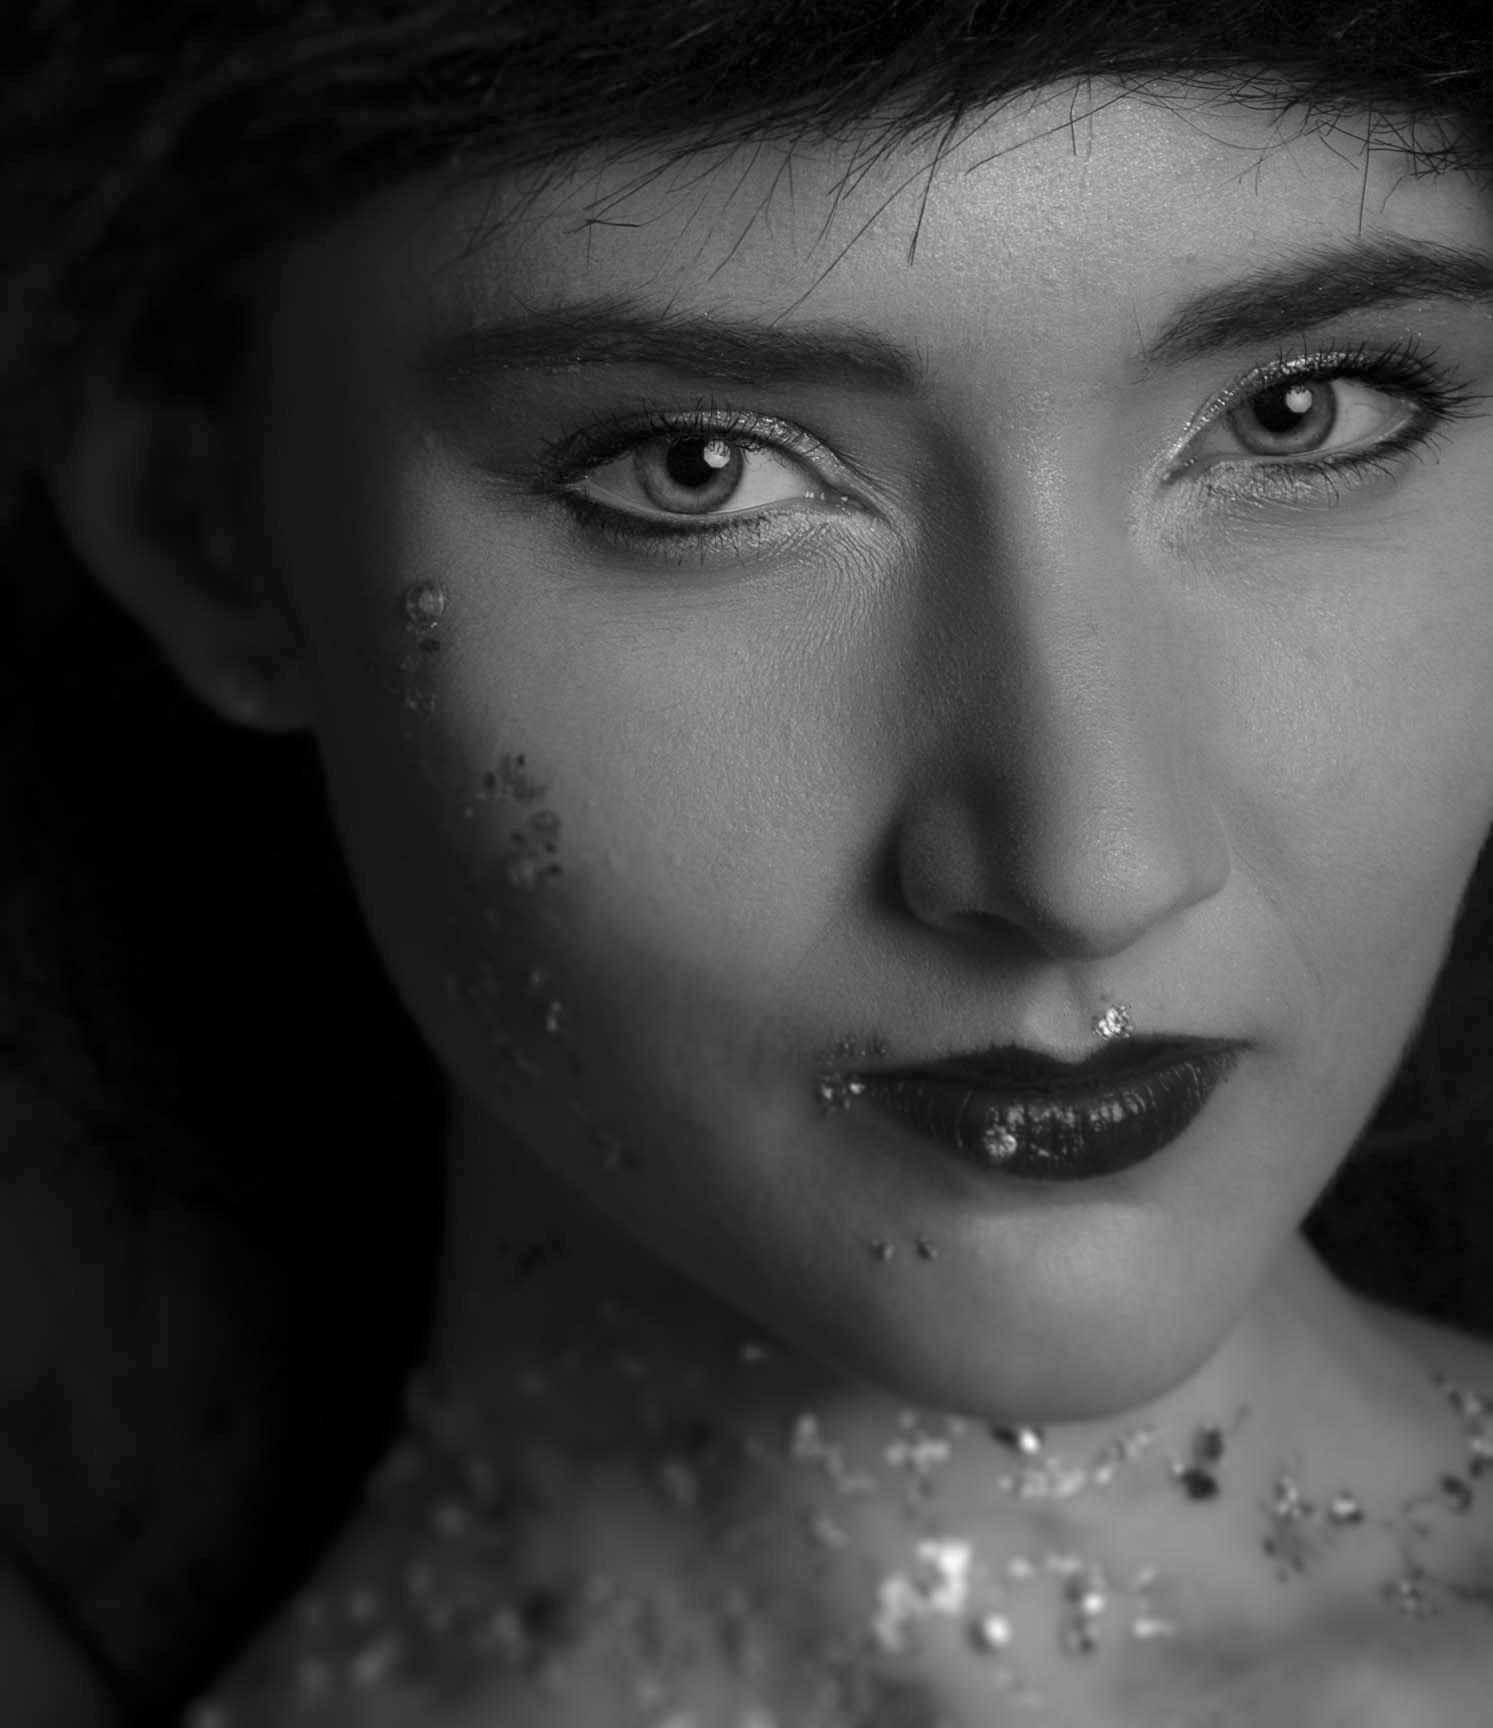 The eyes by alanpayne_fizzylemonstudio